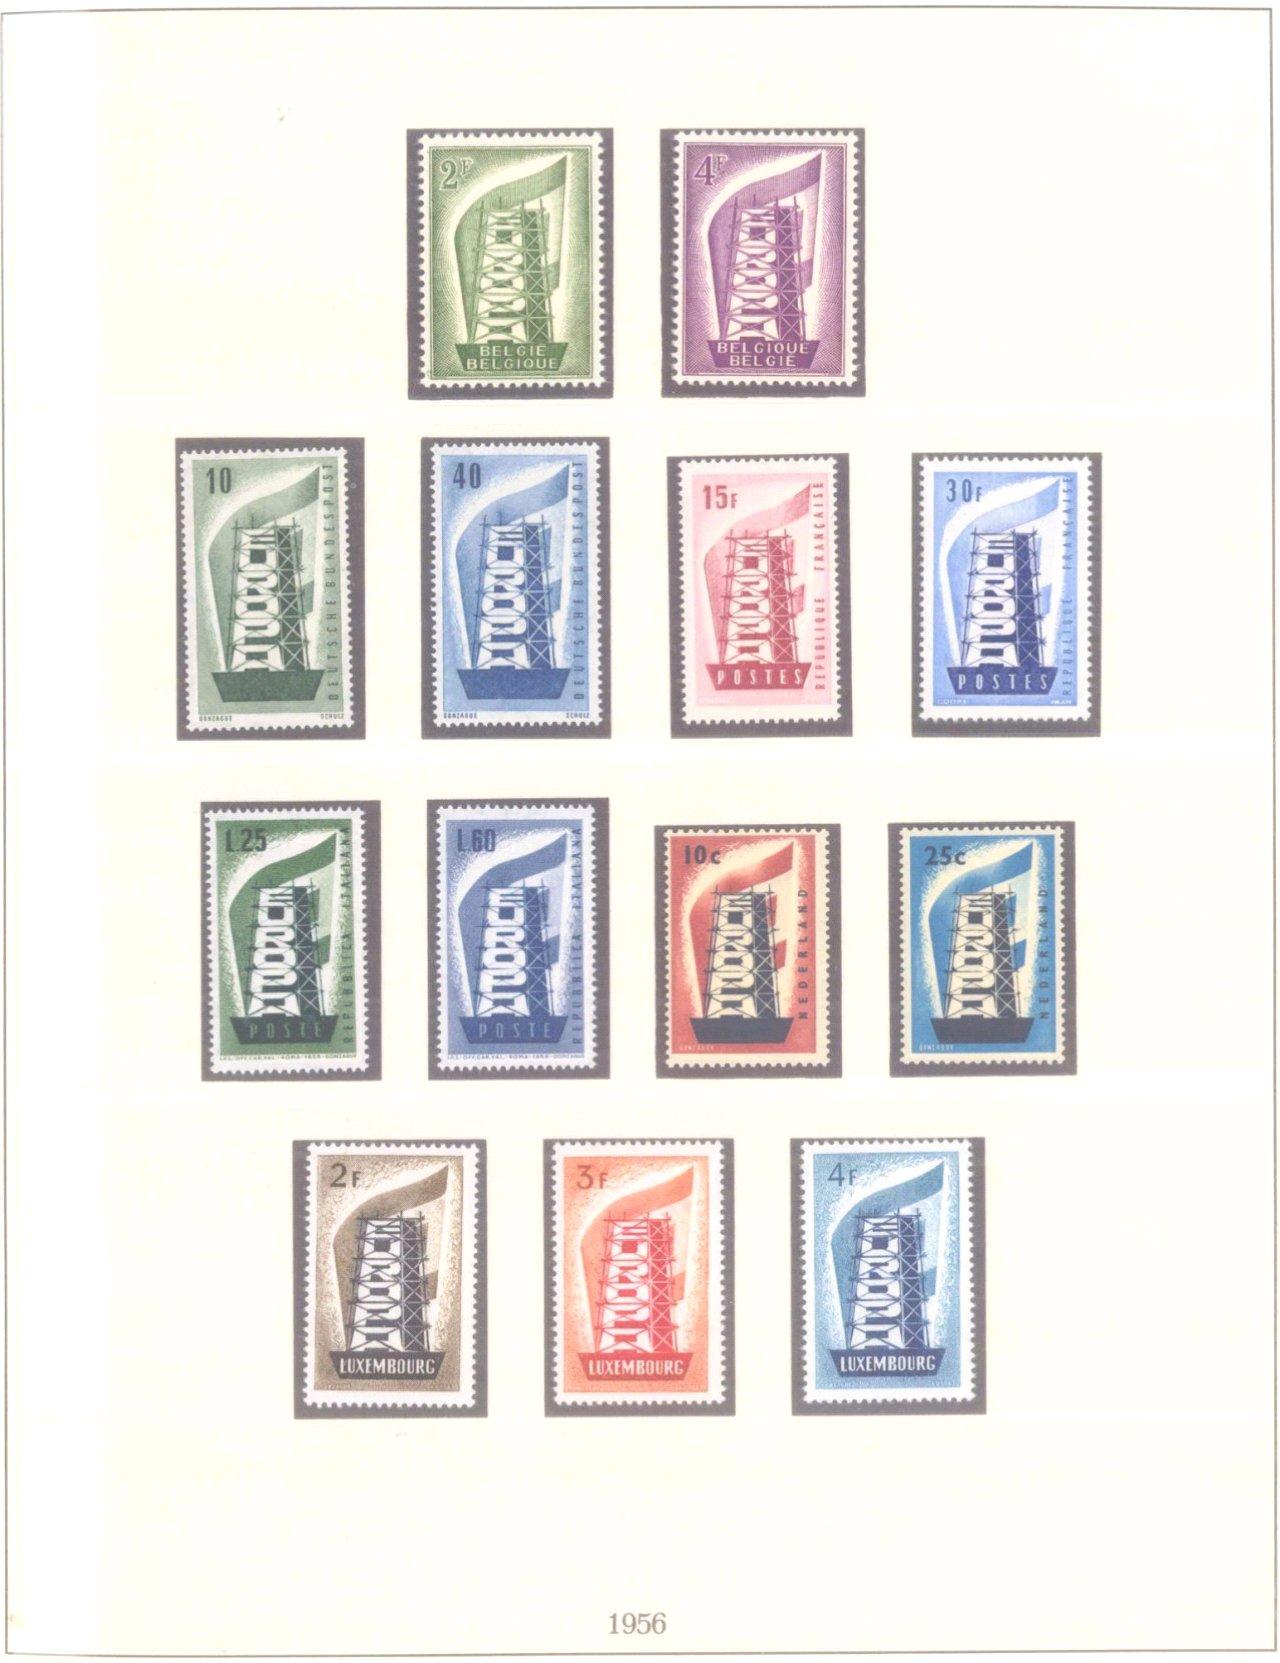 Umfangreiche Europa / CEPT Sammlung 1958-2012 + Mitläufer